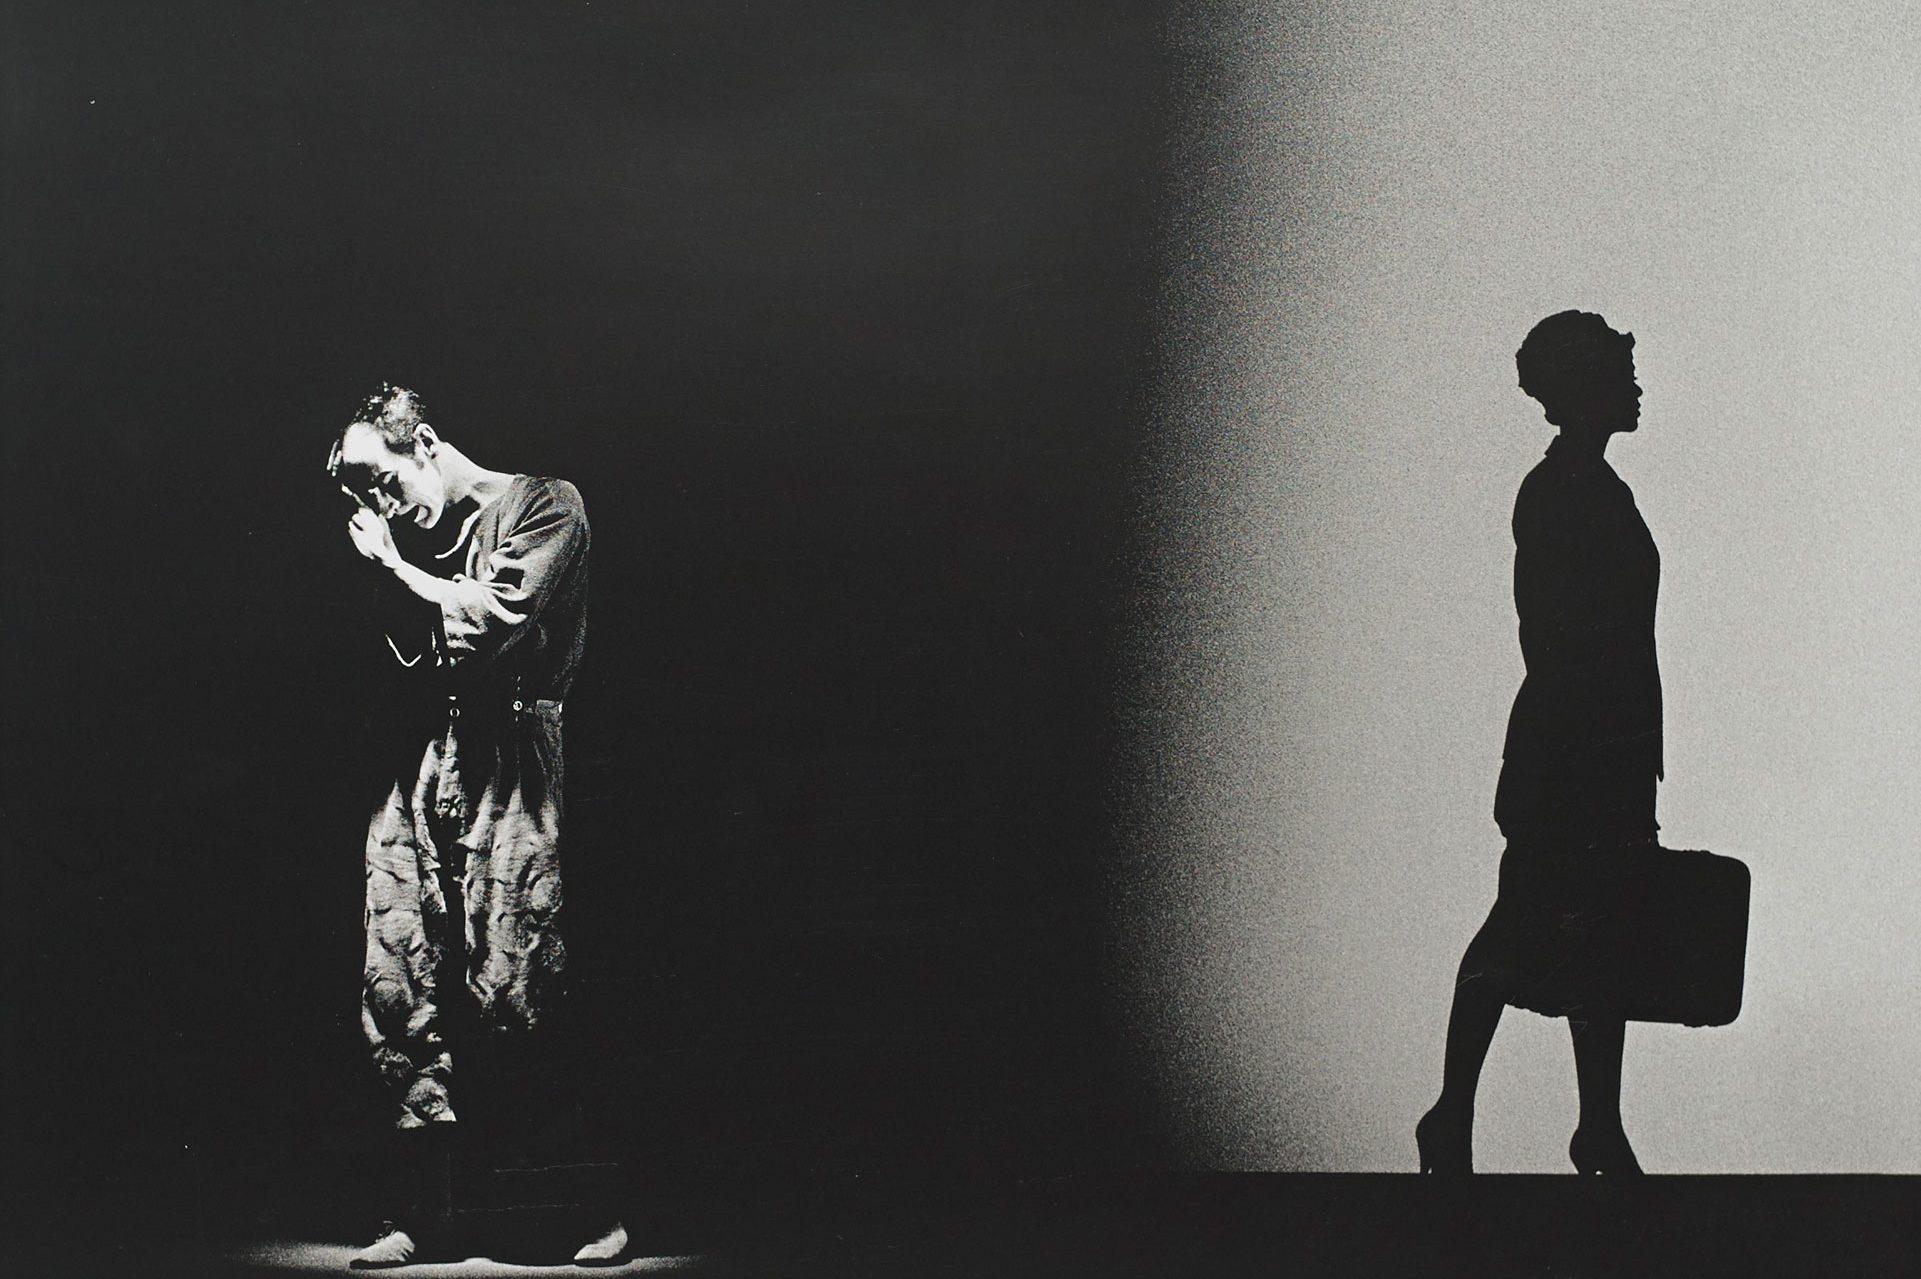 Eine Studioaufnahme, auf der linken Seite wird ein mann beleuchtet, auf der rechten Seite ist ein Schatten einer fortgehenden Frau, die einen Koffer trägt.